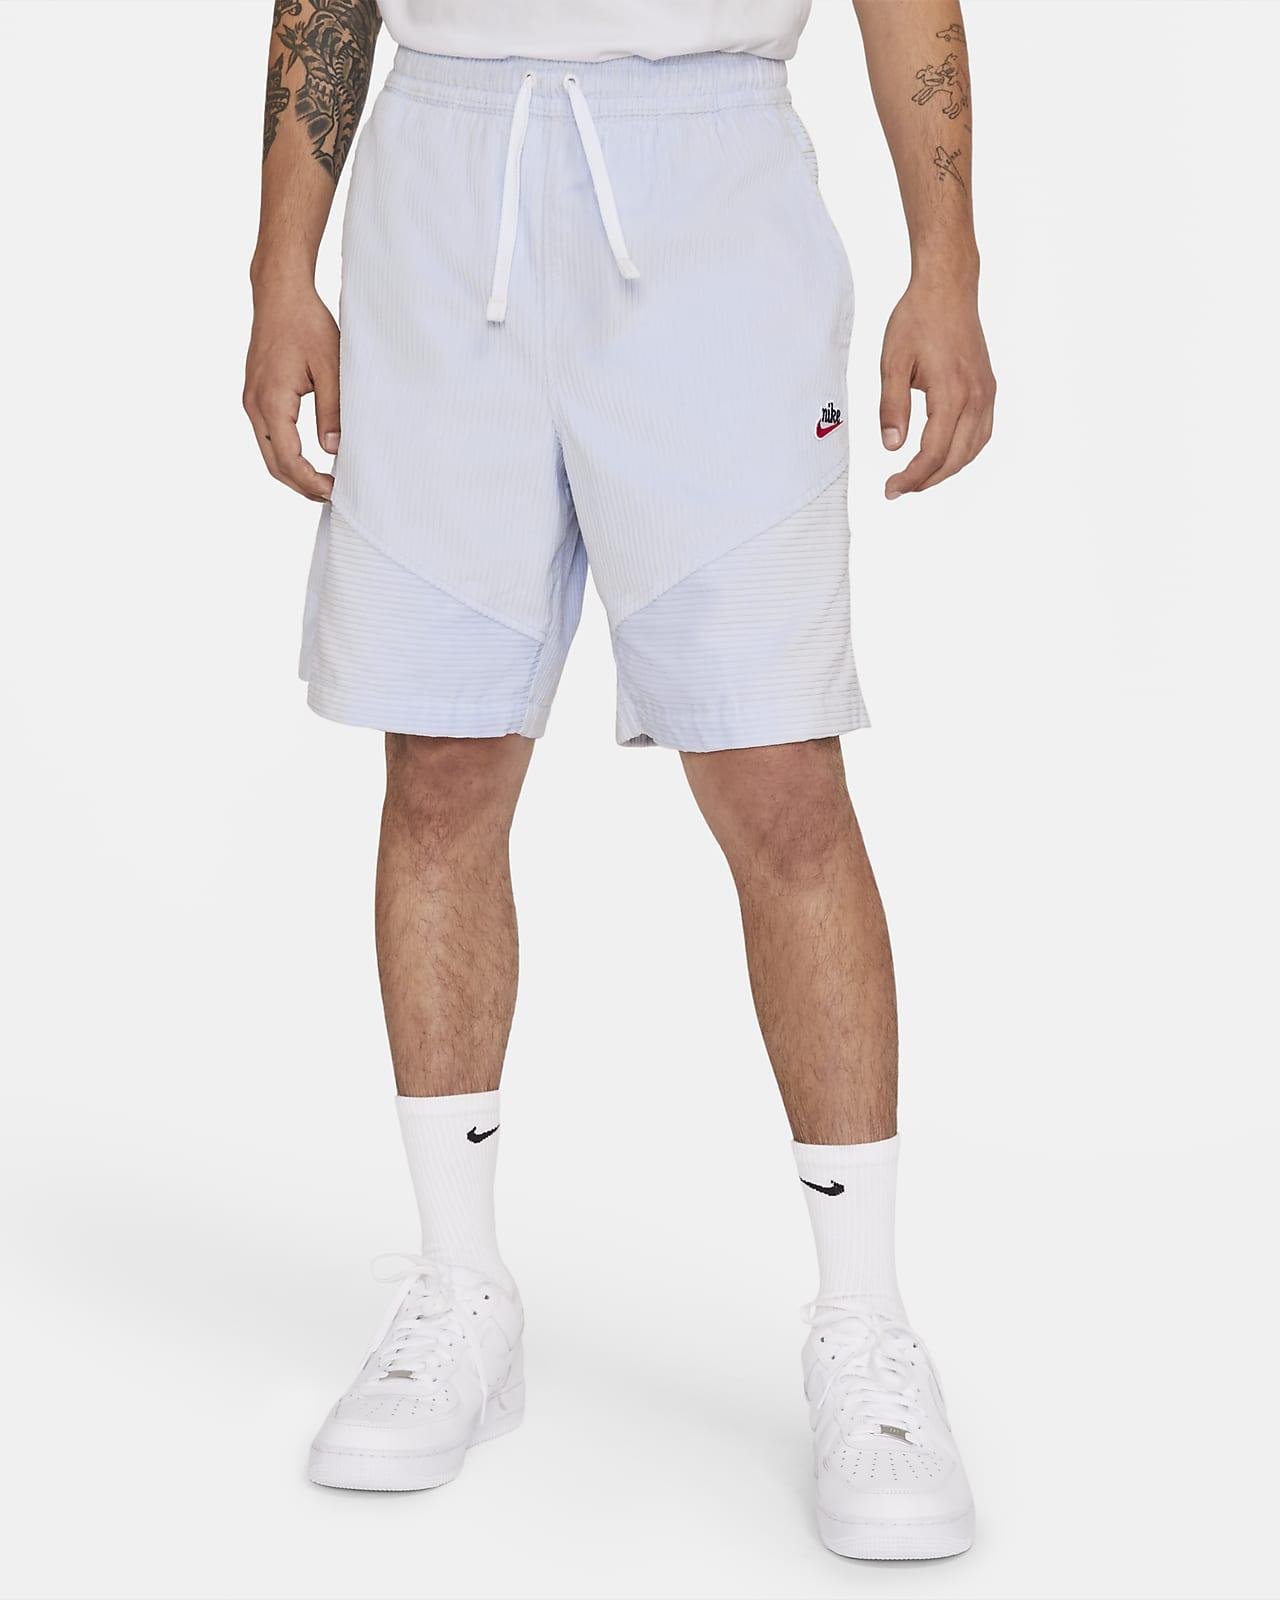 Nike Sportswear Heritage Windrunner 男子灯芯绒短裤